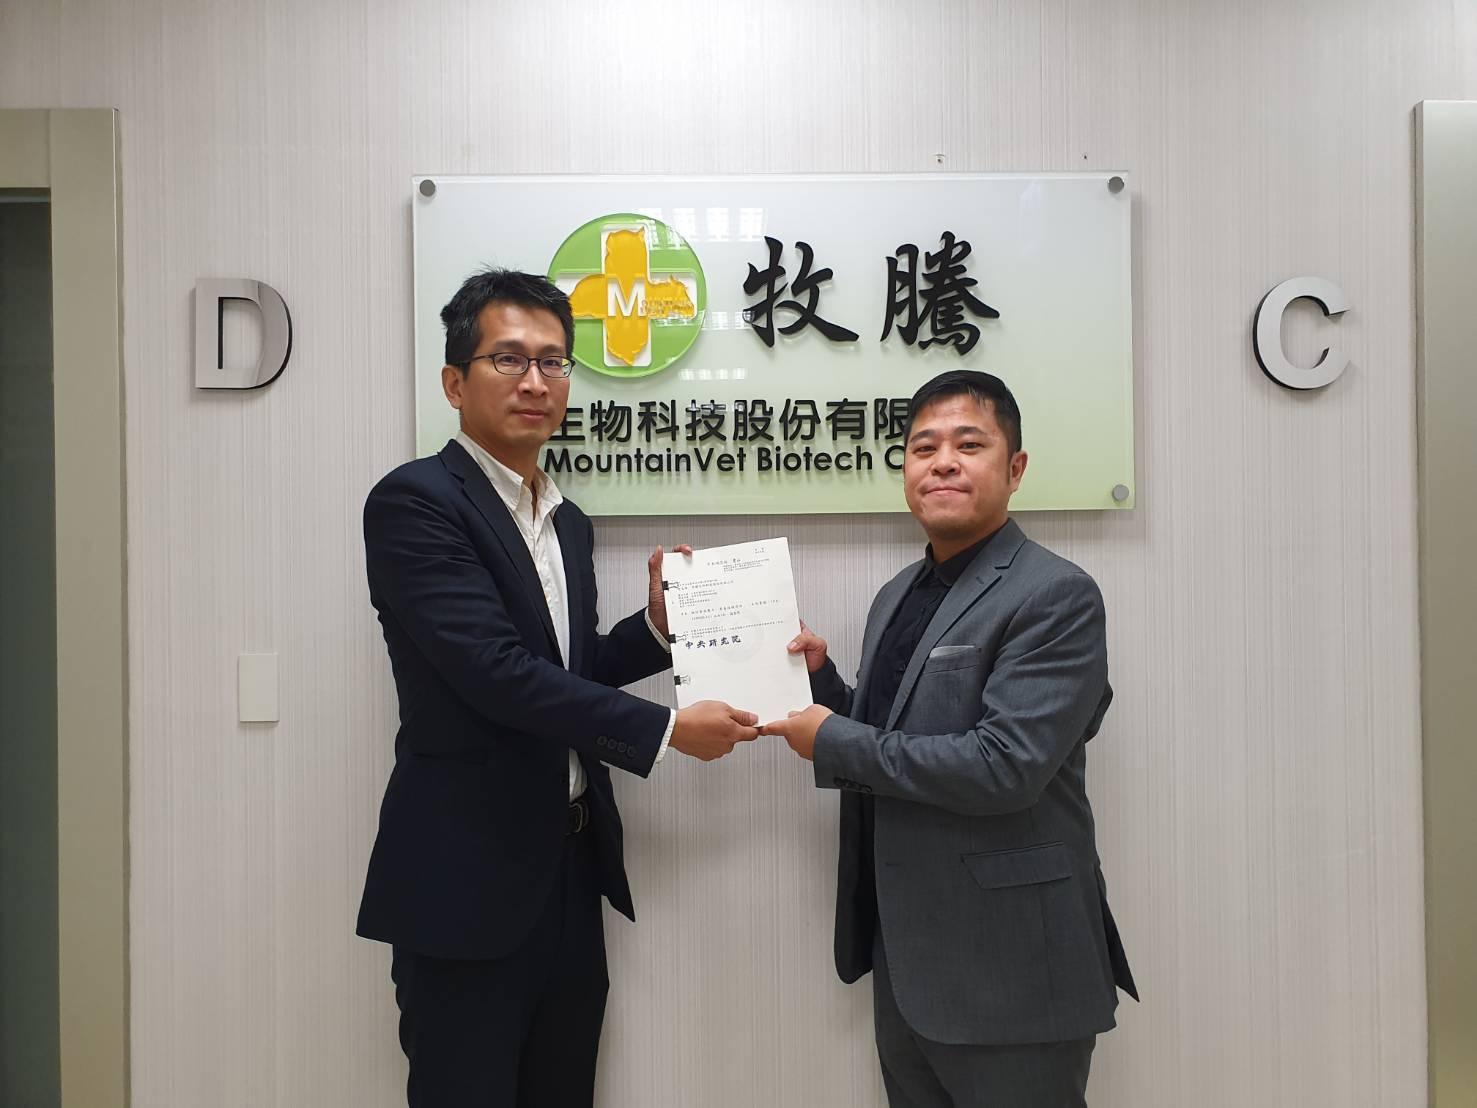 游卓遠董事長與黃常富董事長手執pardaxin技轉文件照相